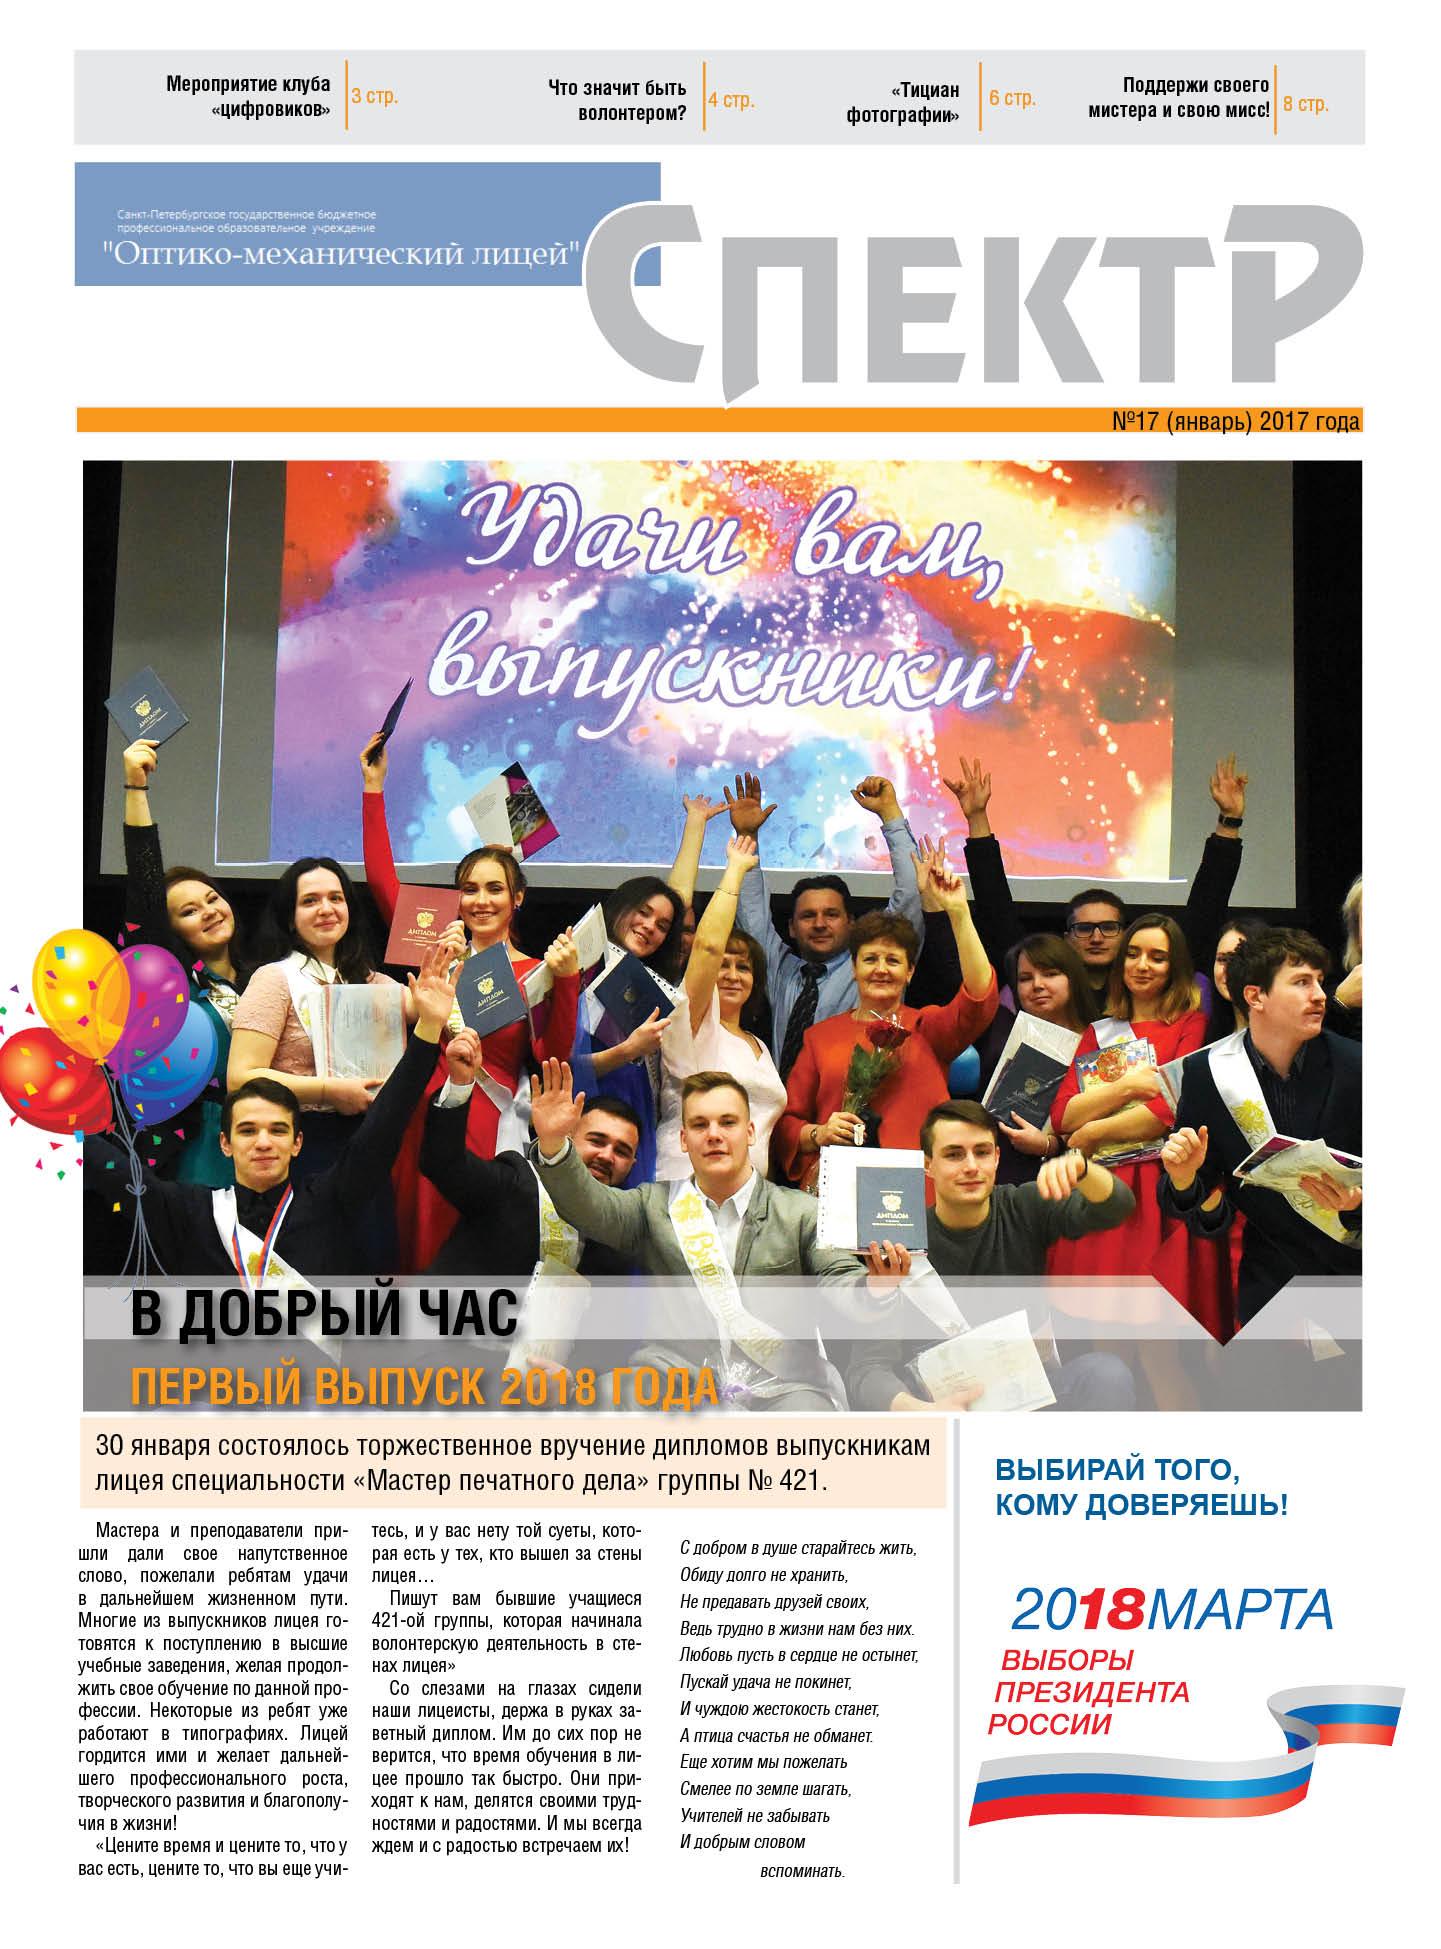 Газета Спектр — выпуск 17 (январь 2018)